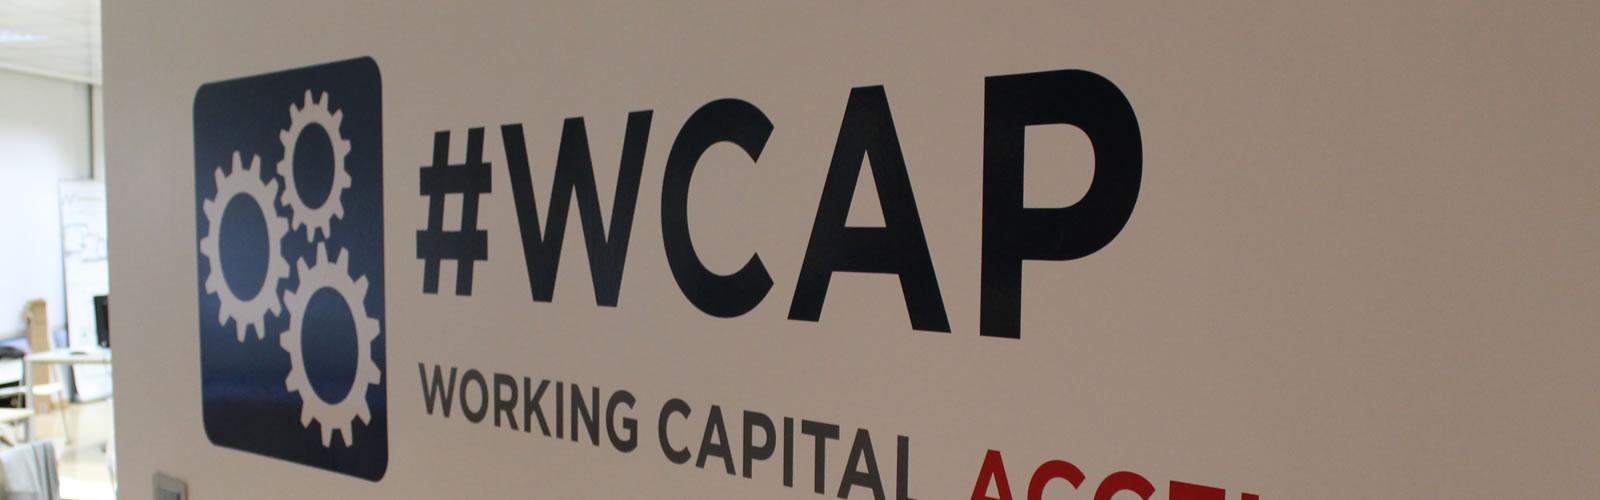 Oggi il DemoDay delle startup impegnate nel programma di accelerazione Working Capital